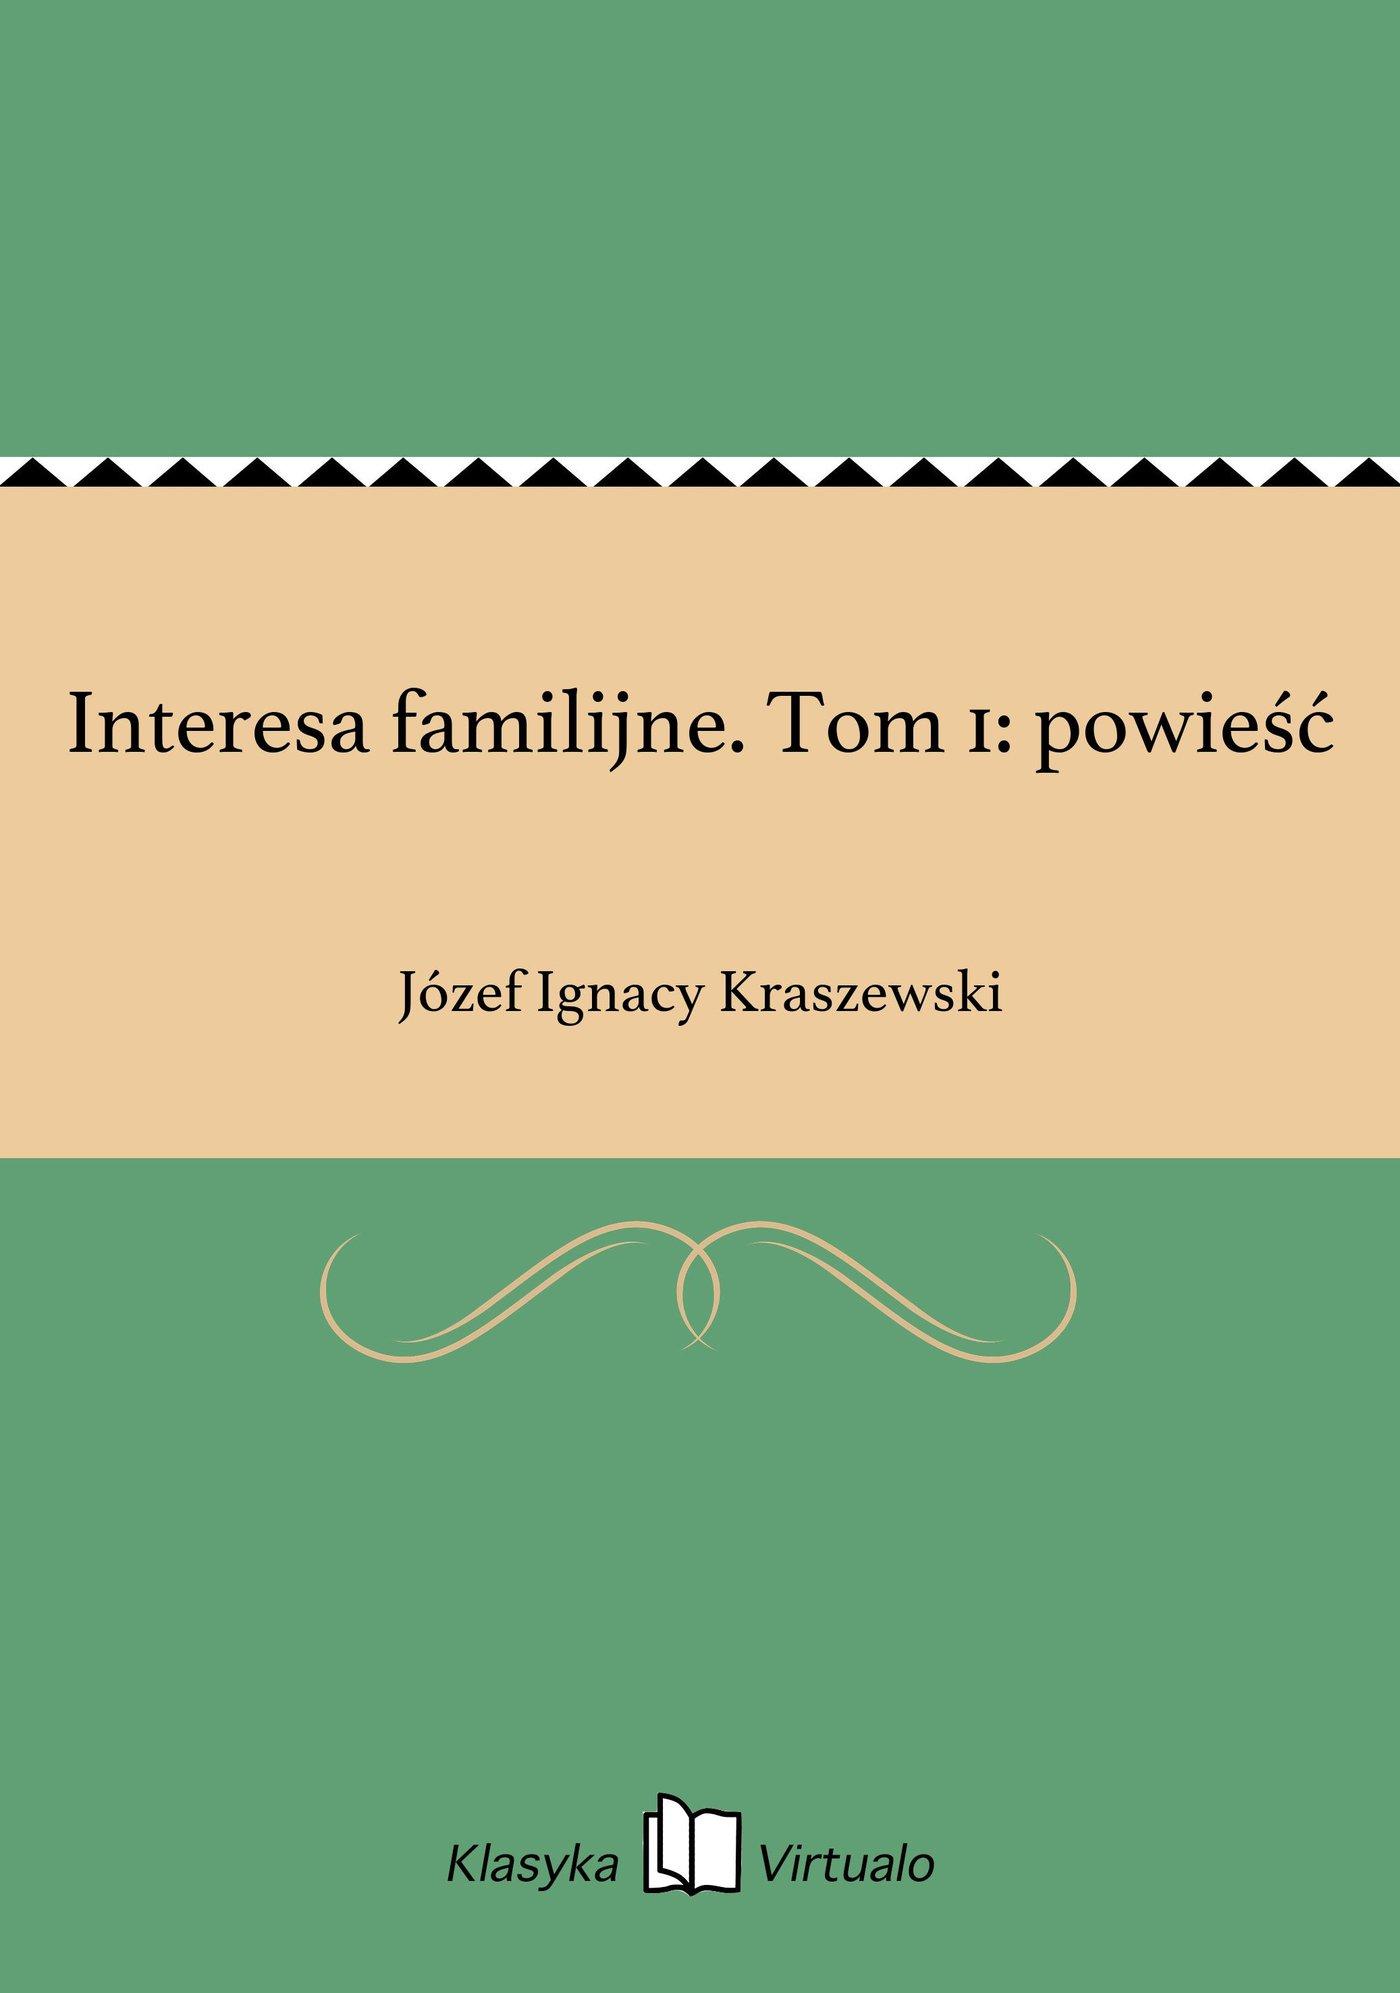 Interesa familijne. Tom 1: powieść - Ebook (Książka EPUB) do pobrania w formacie EPUB